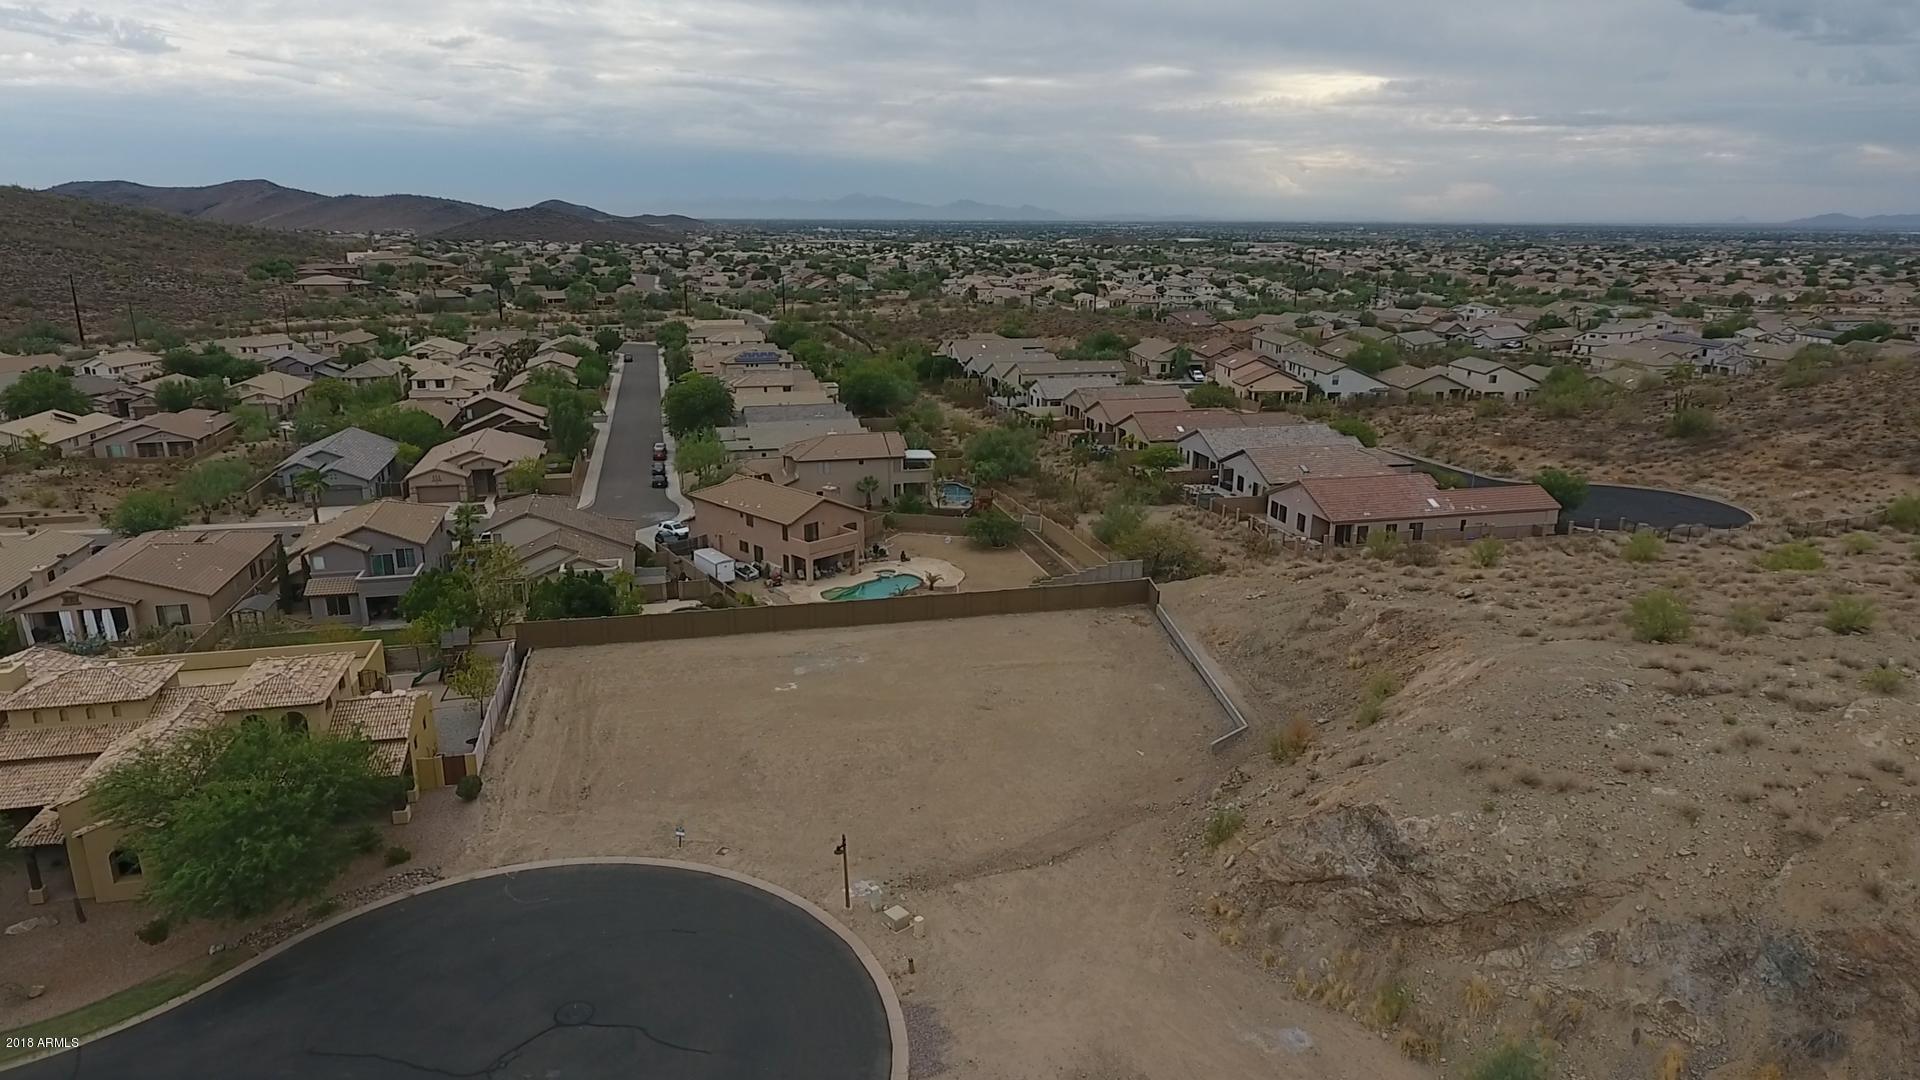 MLS 5823951 6422 W FETLOCK Trail, Phoenix, AZ 85083 Phoenix AZ Newly Built